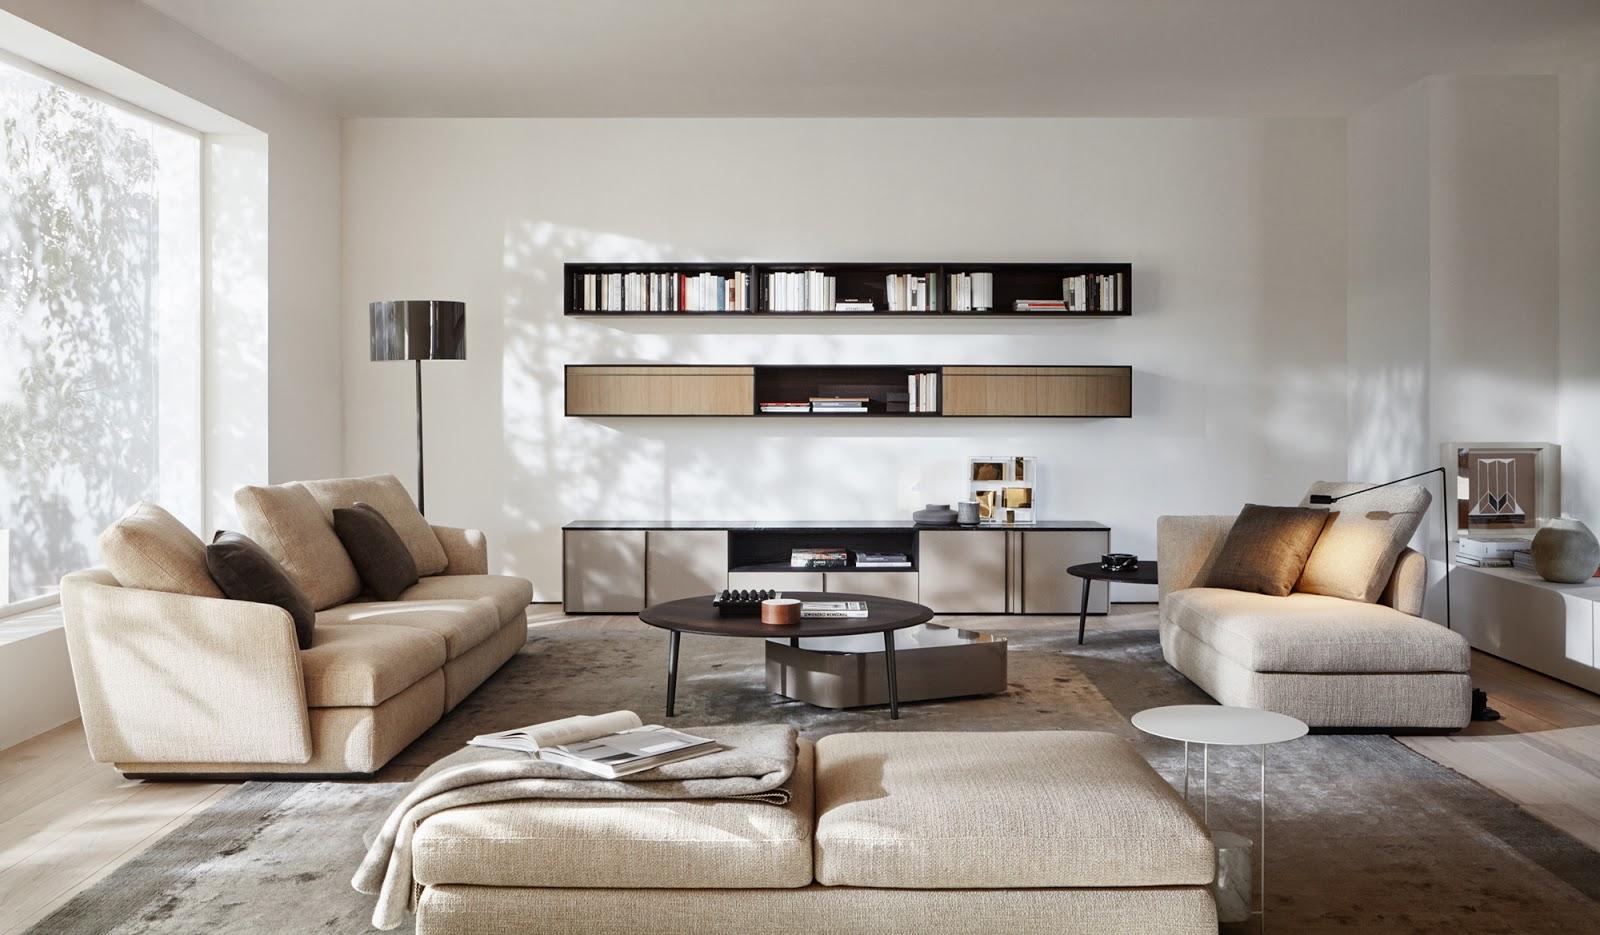 Per una casa ricca di design storia e qualità SAG'80 propone gli arredi Molteni